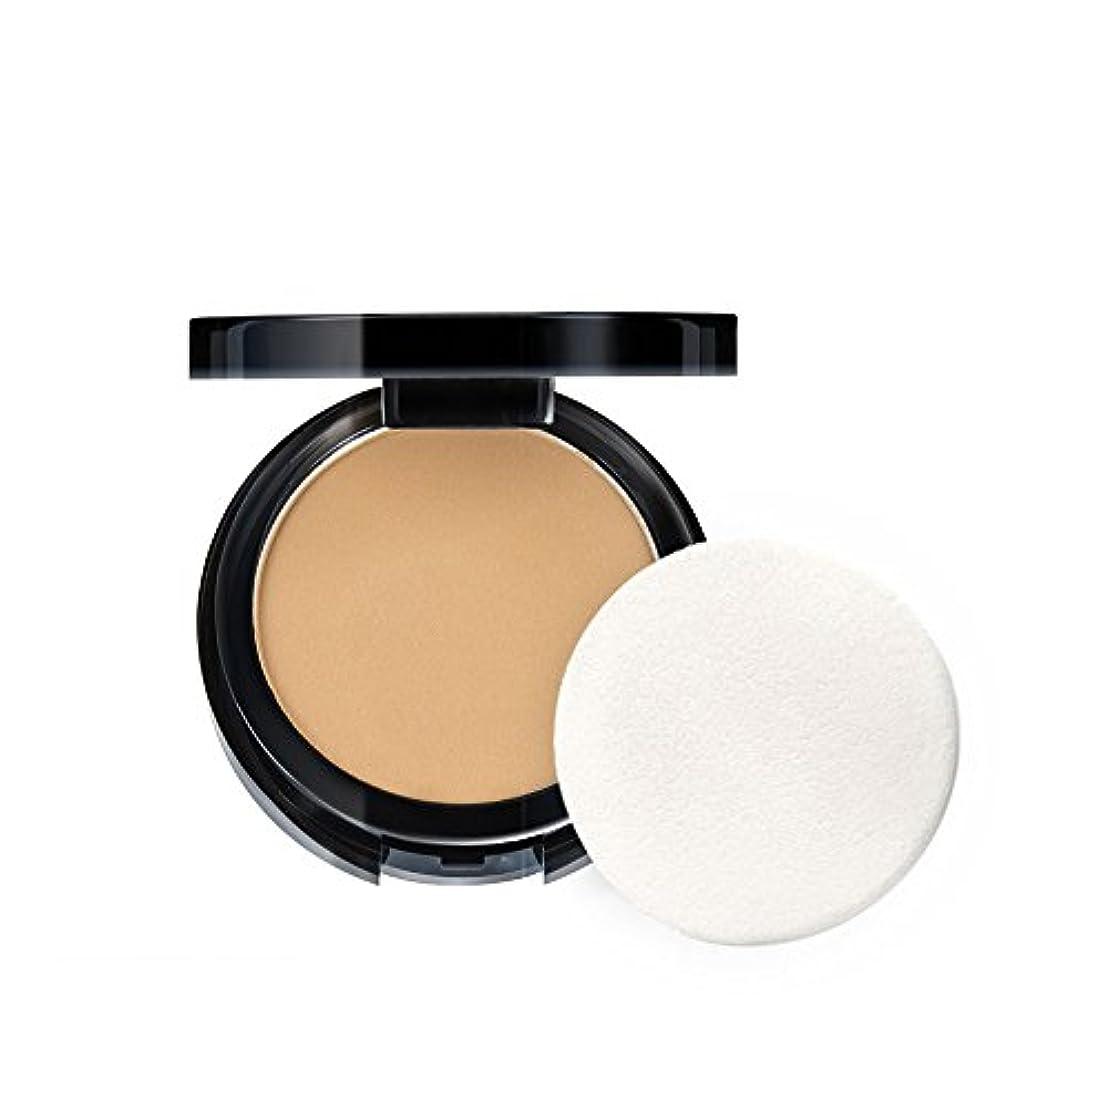 請求監督する汚物(6 Pack) ABSOLUTE HD Flawless Powder Foundation - Linen (並行輸入品)